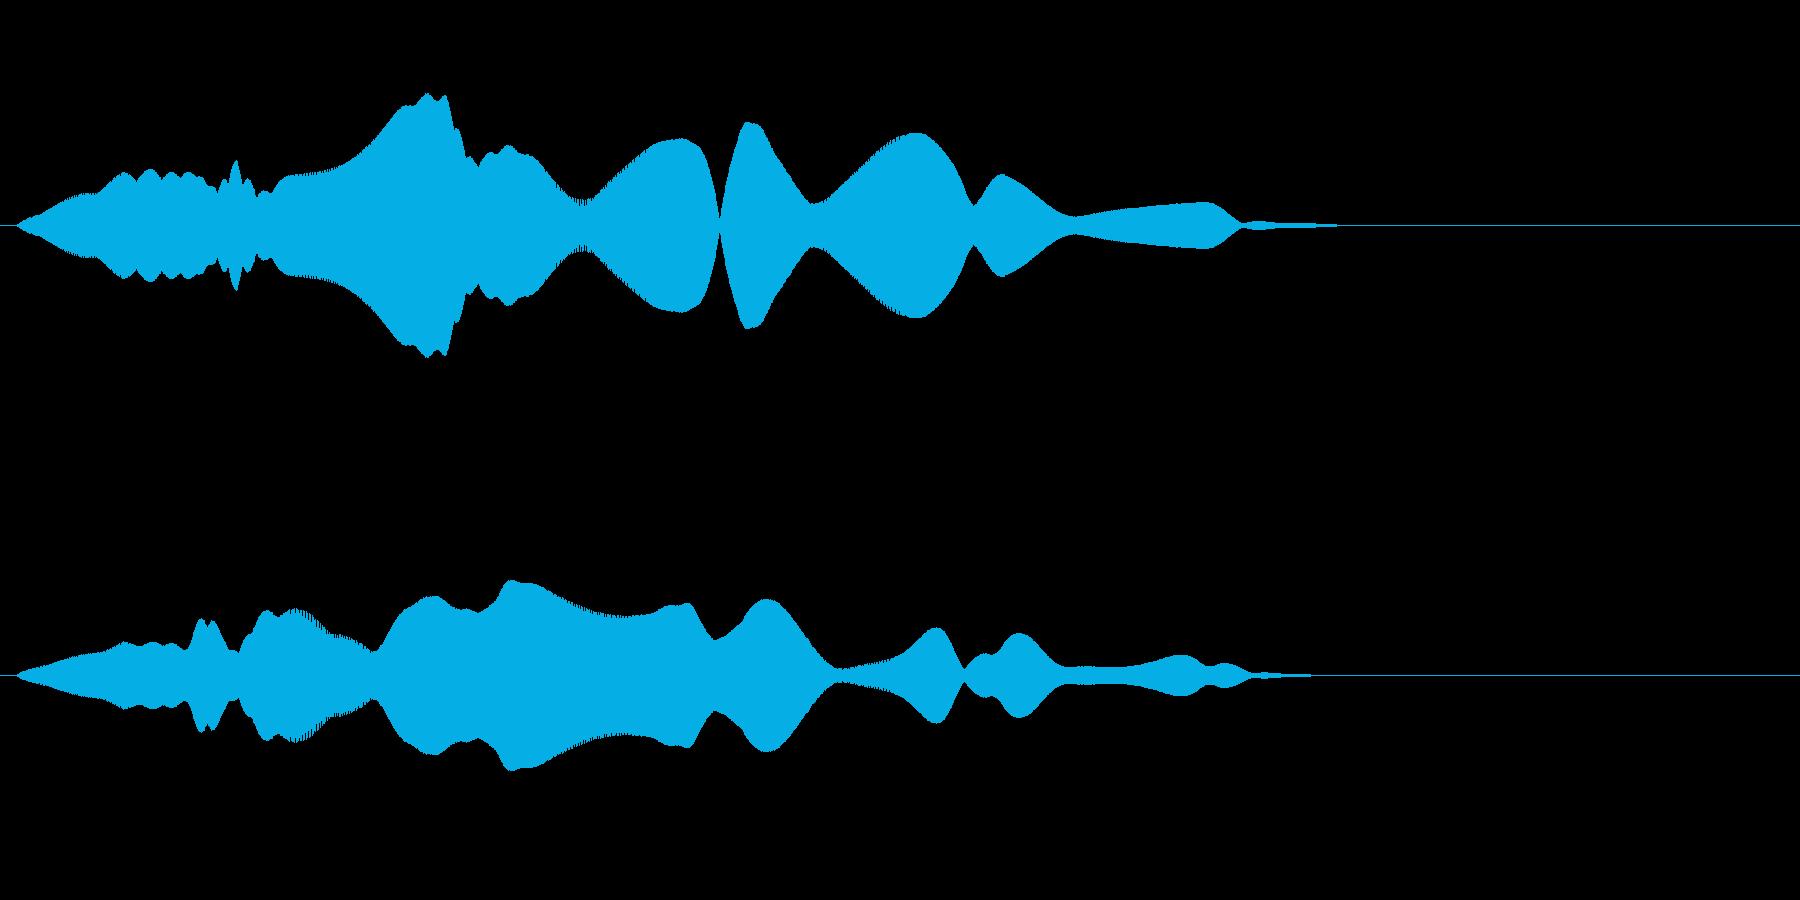 コミカルな飛行音(ふわふわ)の再生済みの波形